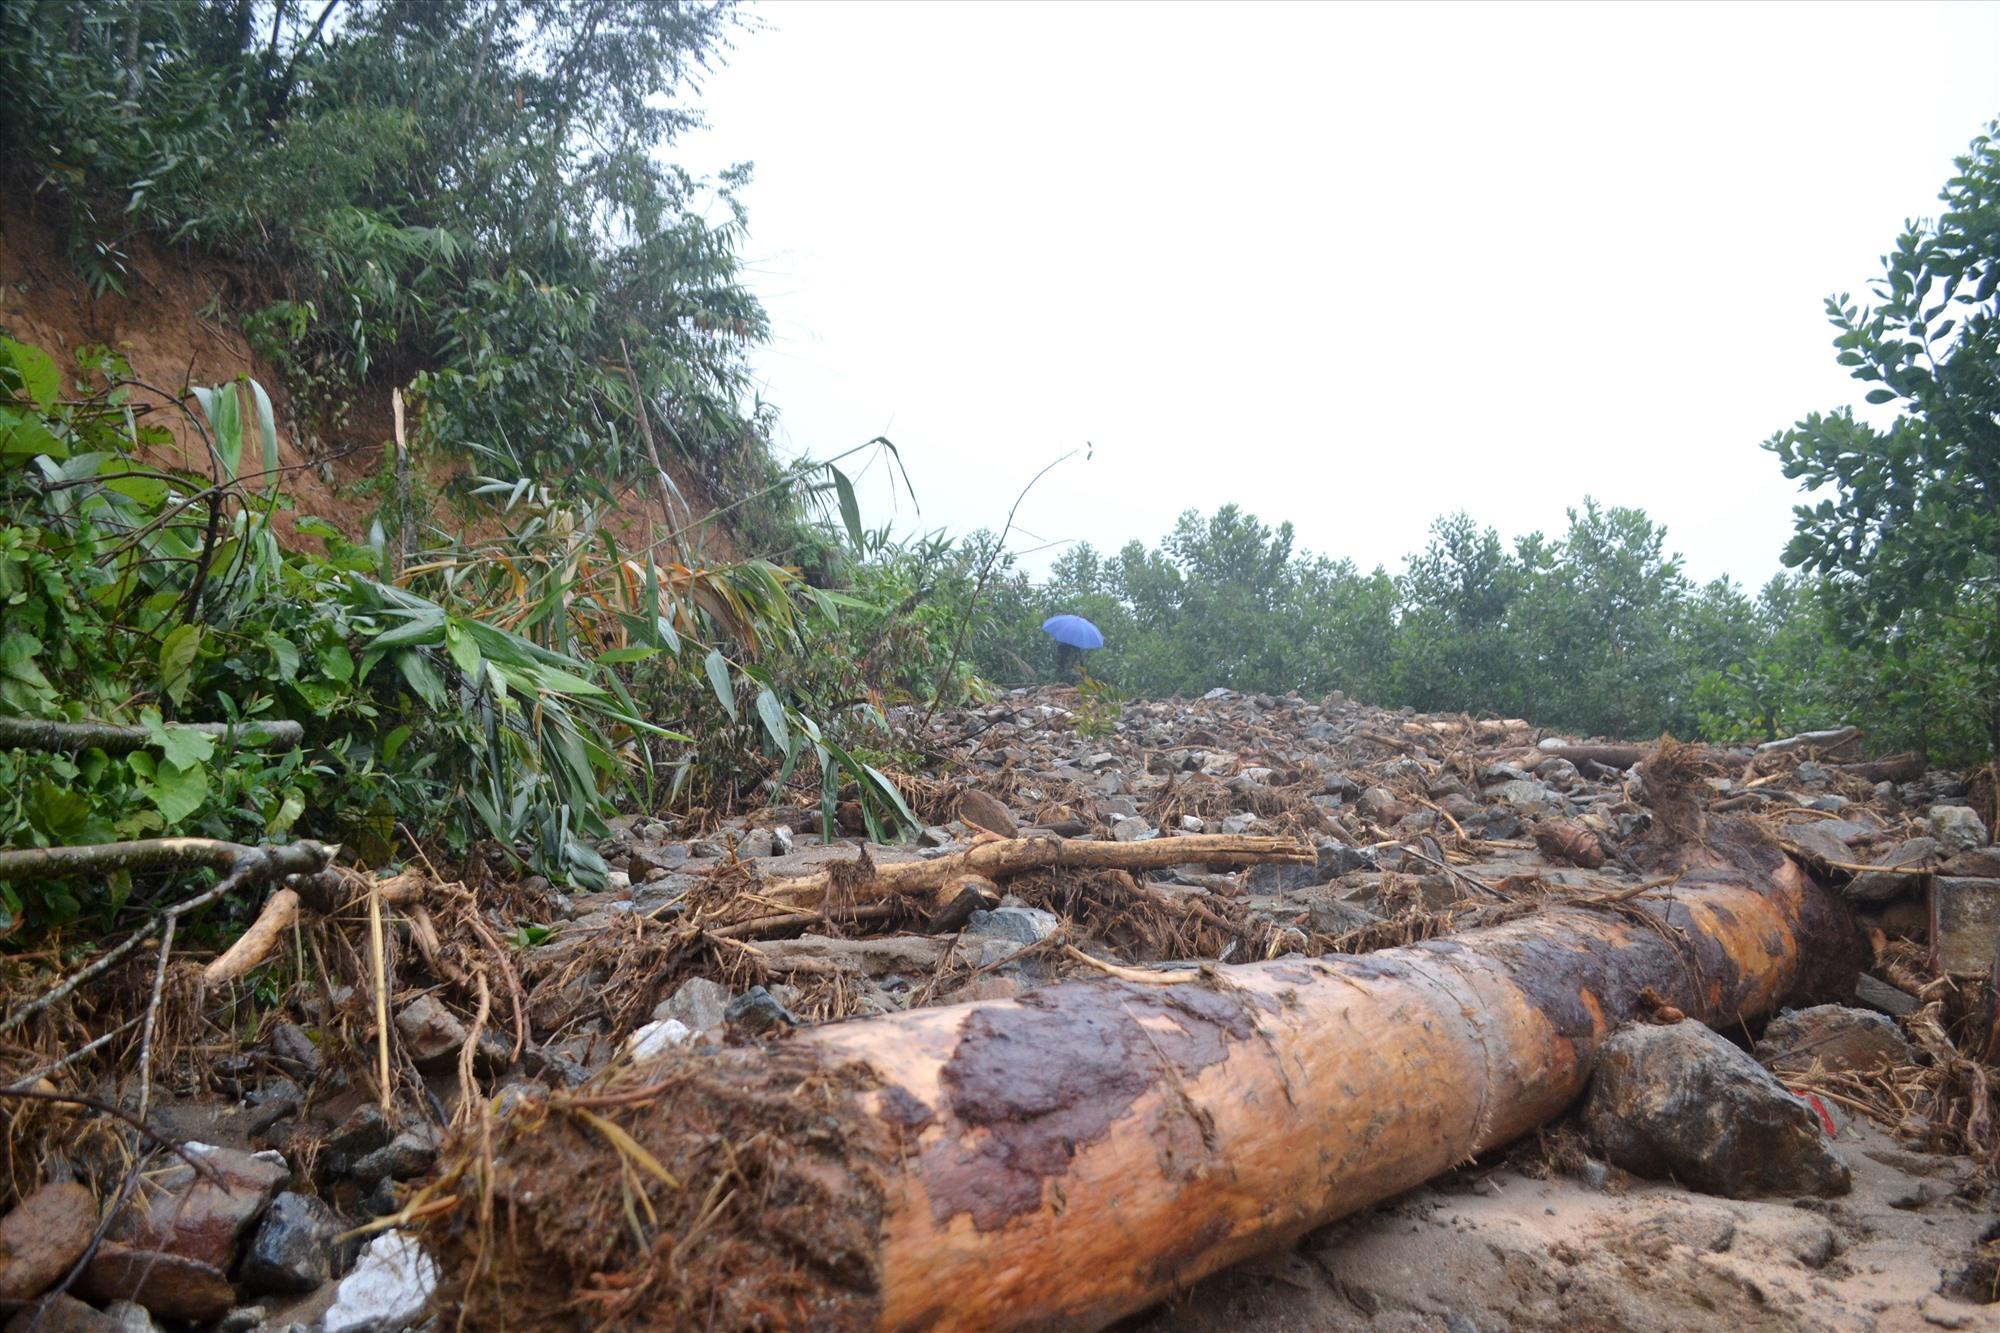 Đất, đá, cây cối sạt lở gây tắc lưu thông đường lên xã Phước Thành. Ảnh: CT